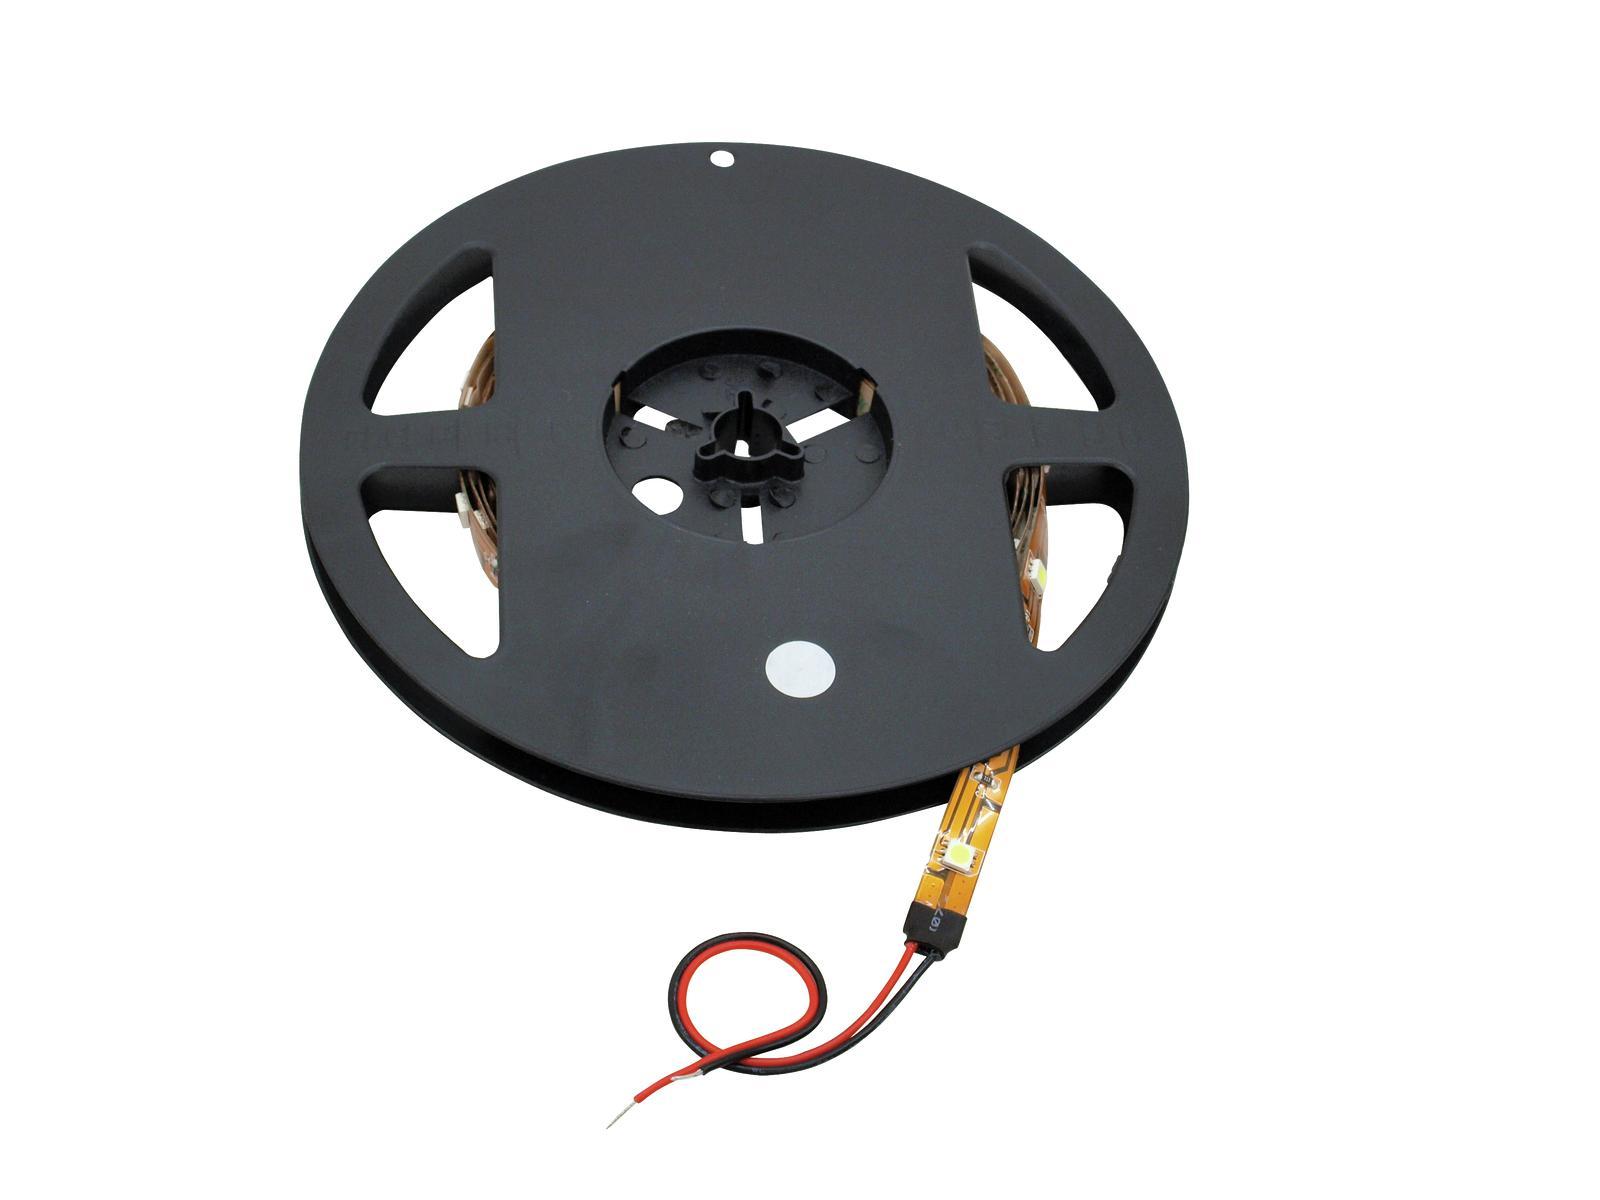 Eurolite LED 5050 Ribbon H 5m 150 LEDs, 3000K, 12V